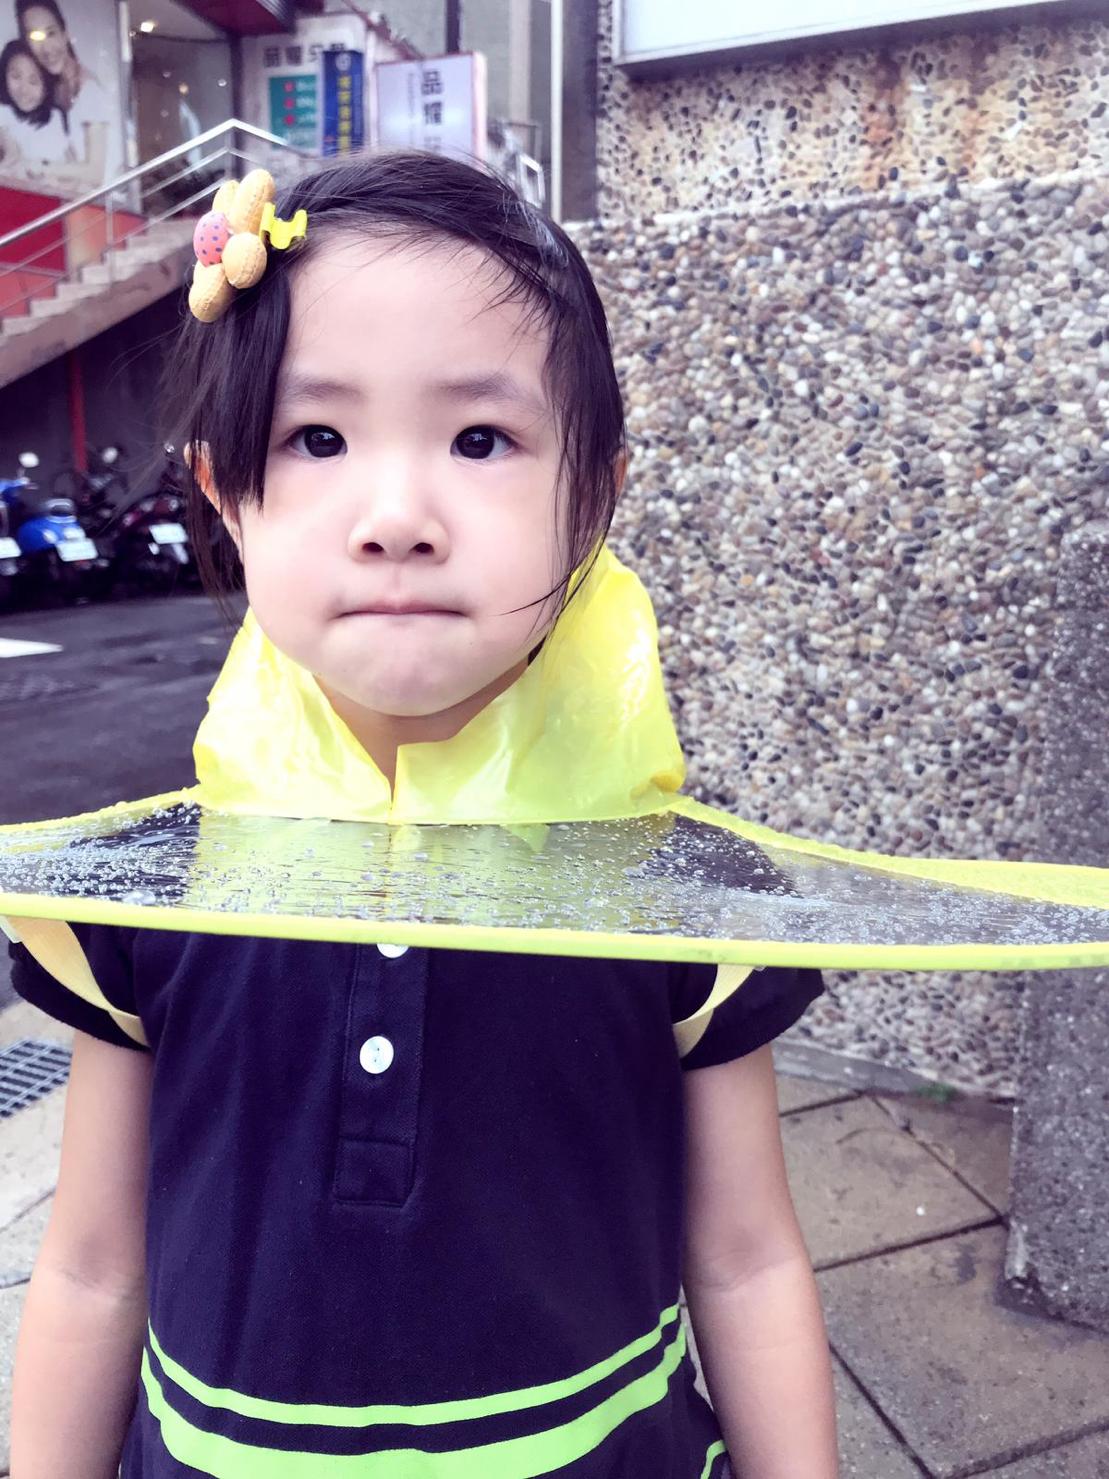 【親子時尚】張棋惠漸進式幫助阿寶適應勇敢說Bye Bye進教室